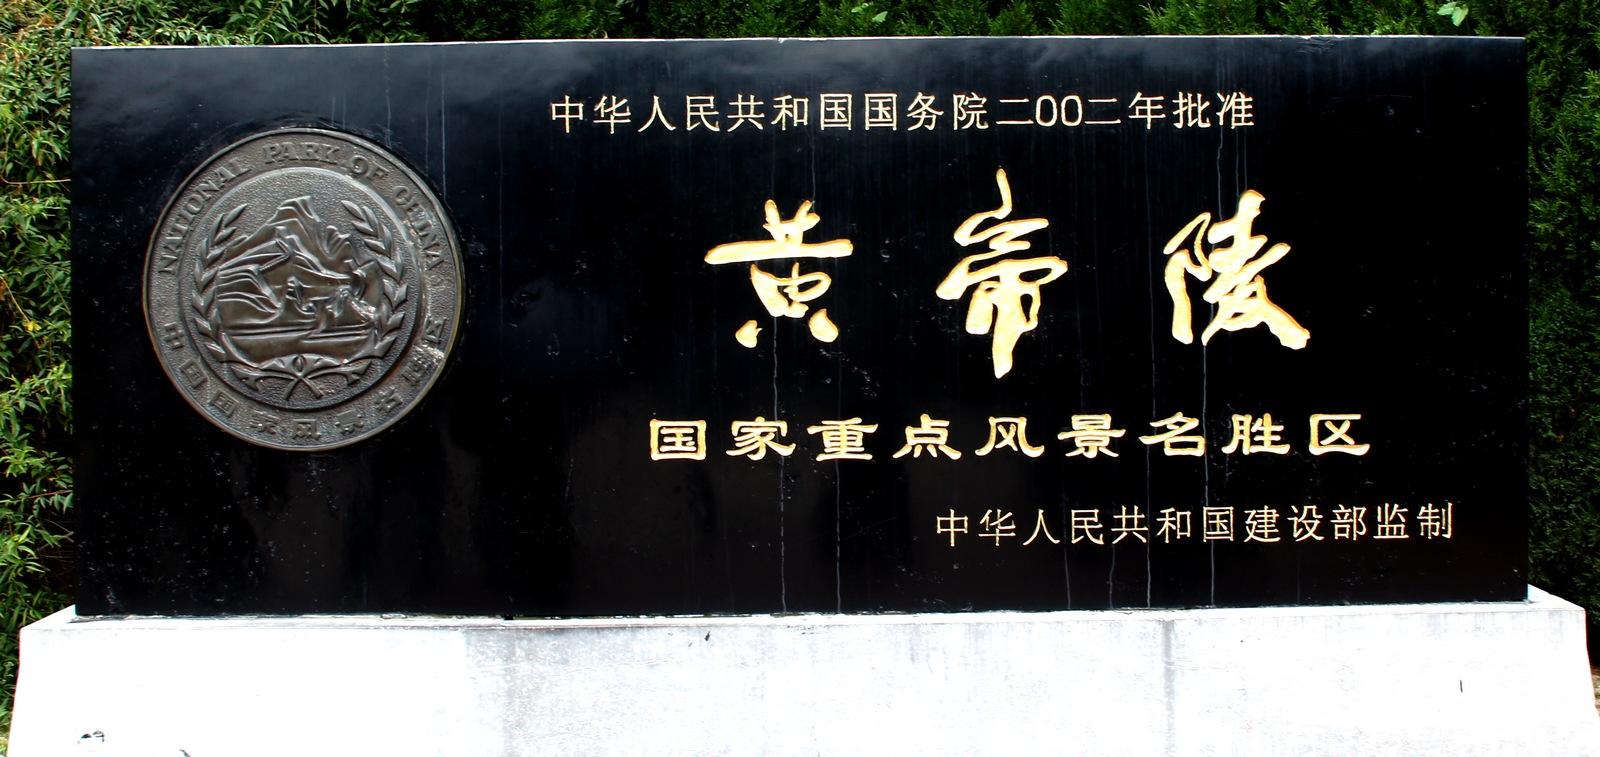 黄帝陵景区-景区标牌-67-1600.jpg